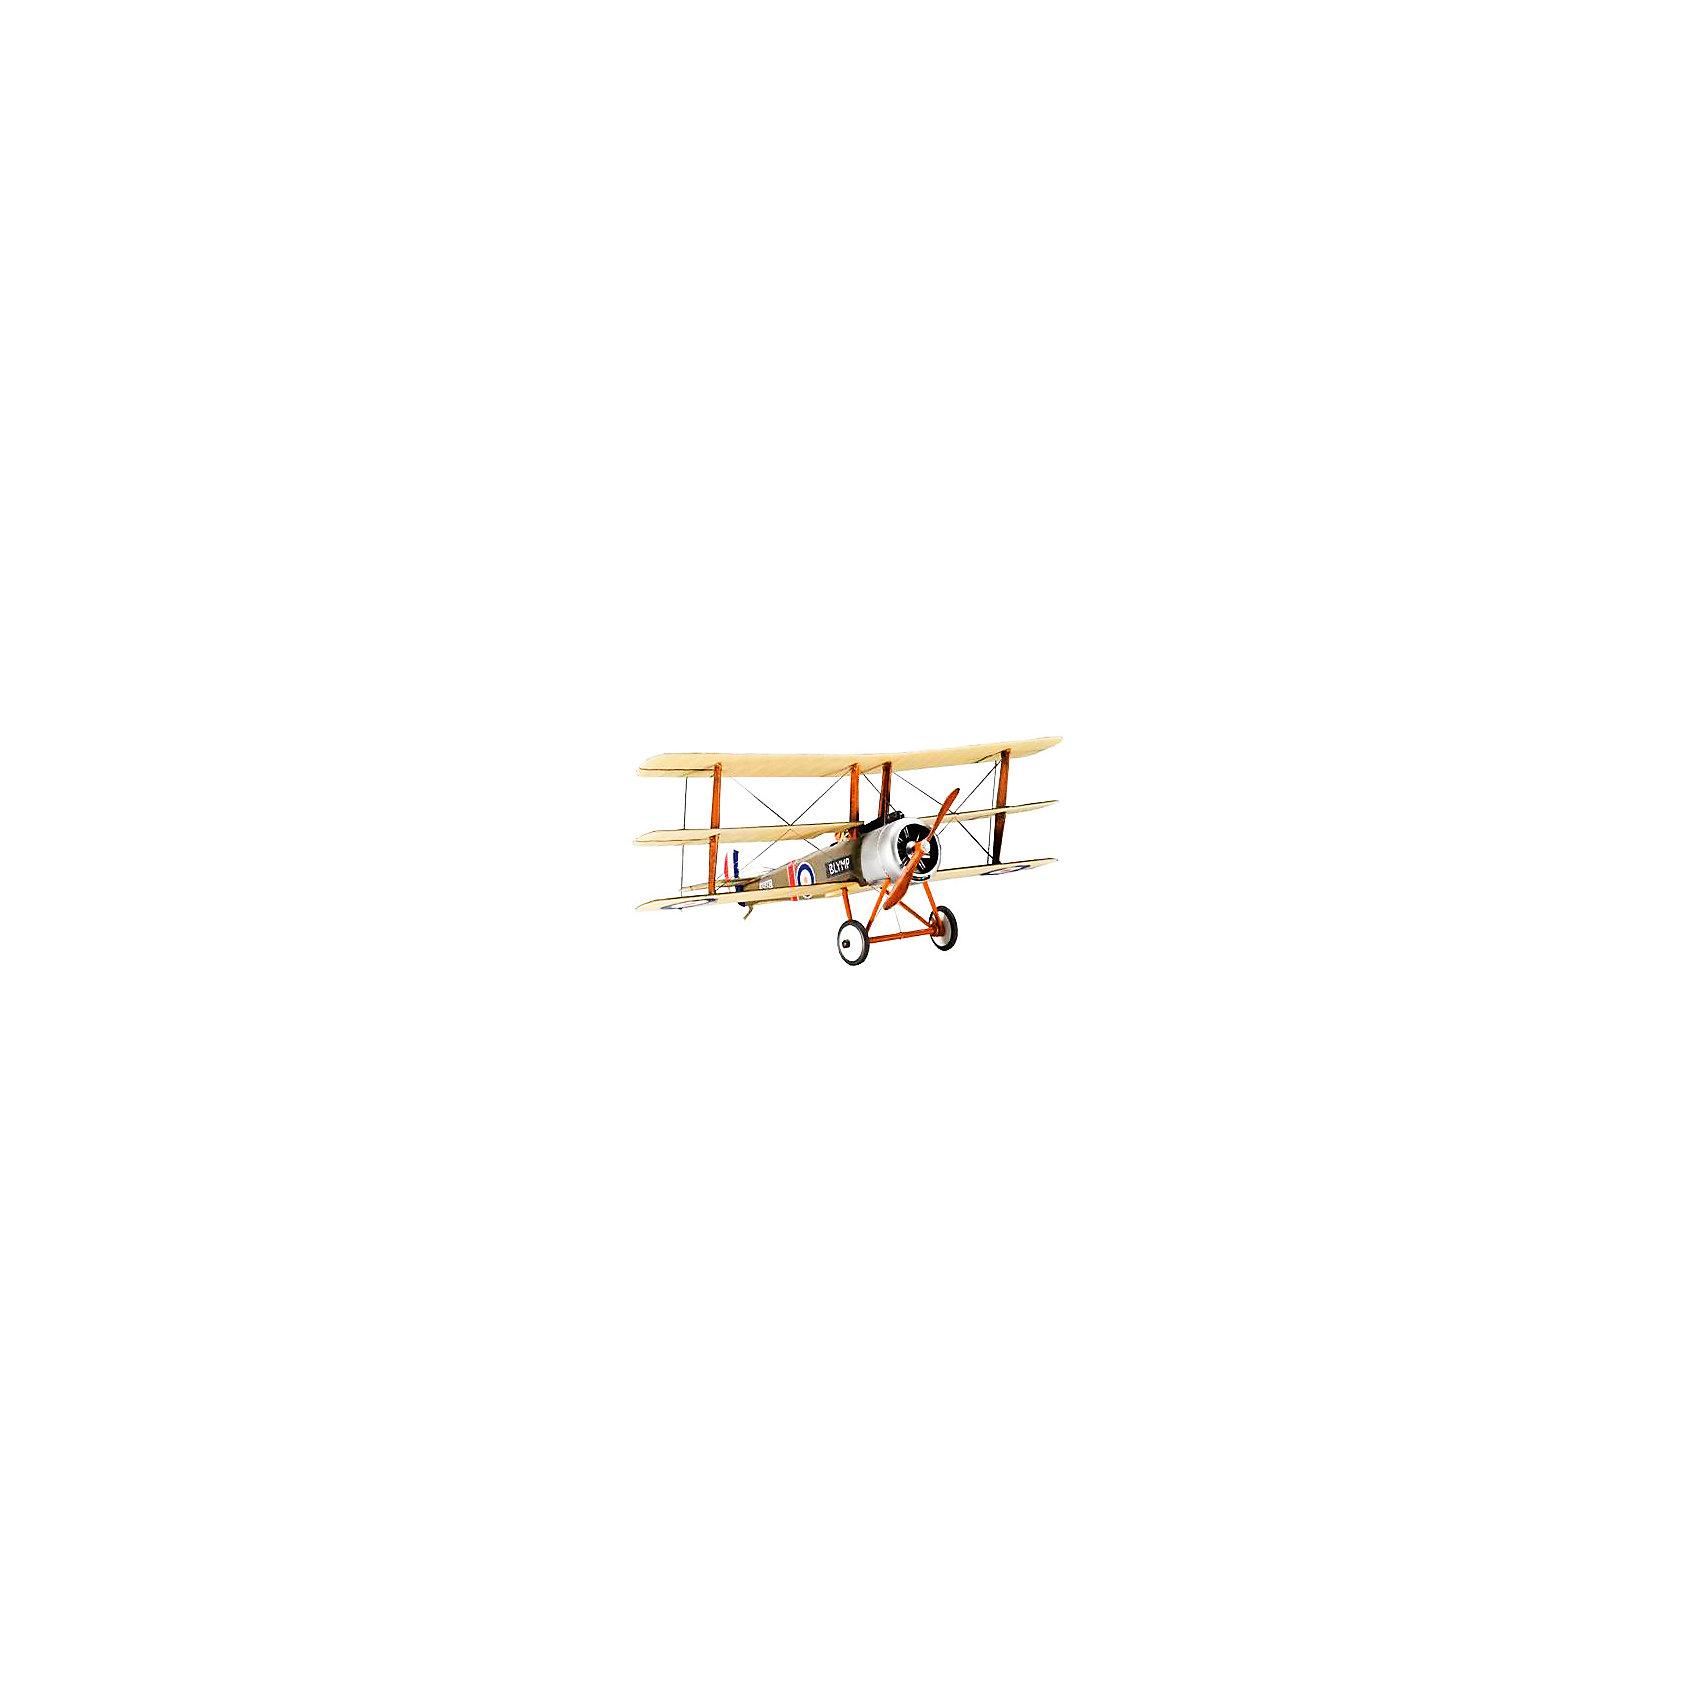 Ретро-истребитель Sopwith Triplane, RevellСамолёты и вертолёты<br>Характеристики товара:<br><br>• возраст от 10 лет;<br>• материал: пластик;<br>• в комплекте: 23 детали;<br>• размер собранной модели 11,3х8,3 см;<br>• масштаб 1:72;<br>• размер упаковки 18х11х3 см;<br>• страна производитель: Польша.<br><br>Сборная модель «Ретро-истребитель Sopwith Triplane» Revell позволит собрать модель истребителя Sopwith Triplane, который был выпущен в Великобритании и использовался во время Первой мировой войны.<br><br>Детали легко соединяются между собой. Готовую модель для прочности следует склеить, а также раскрасить (клей и краски с комплект не входят). В процессе сборки у детей развиваются мышление, логика, усидчивость, внимательность.<br><br>Ретро-истребитель Sopwith Triplane Revell можно приобрести в нашем интернет-магазине.<br><br>Ширина мм: 9999<br>Глубина мм: 9999<br>Высота мм: 9999<br>Вес г: 9999<br>Возраст от месяцев: 72<br>Возраст до месяцев: 1164<br>Пол: Мужской<br>Возраст: Детский<br>SKU: 1696199